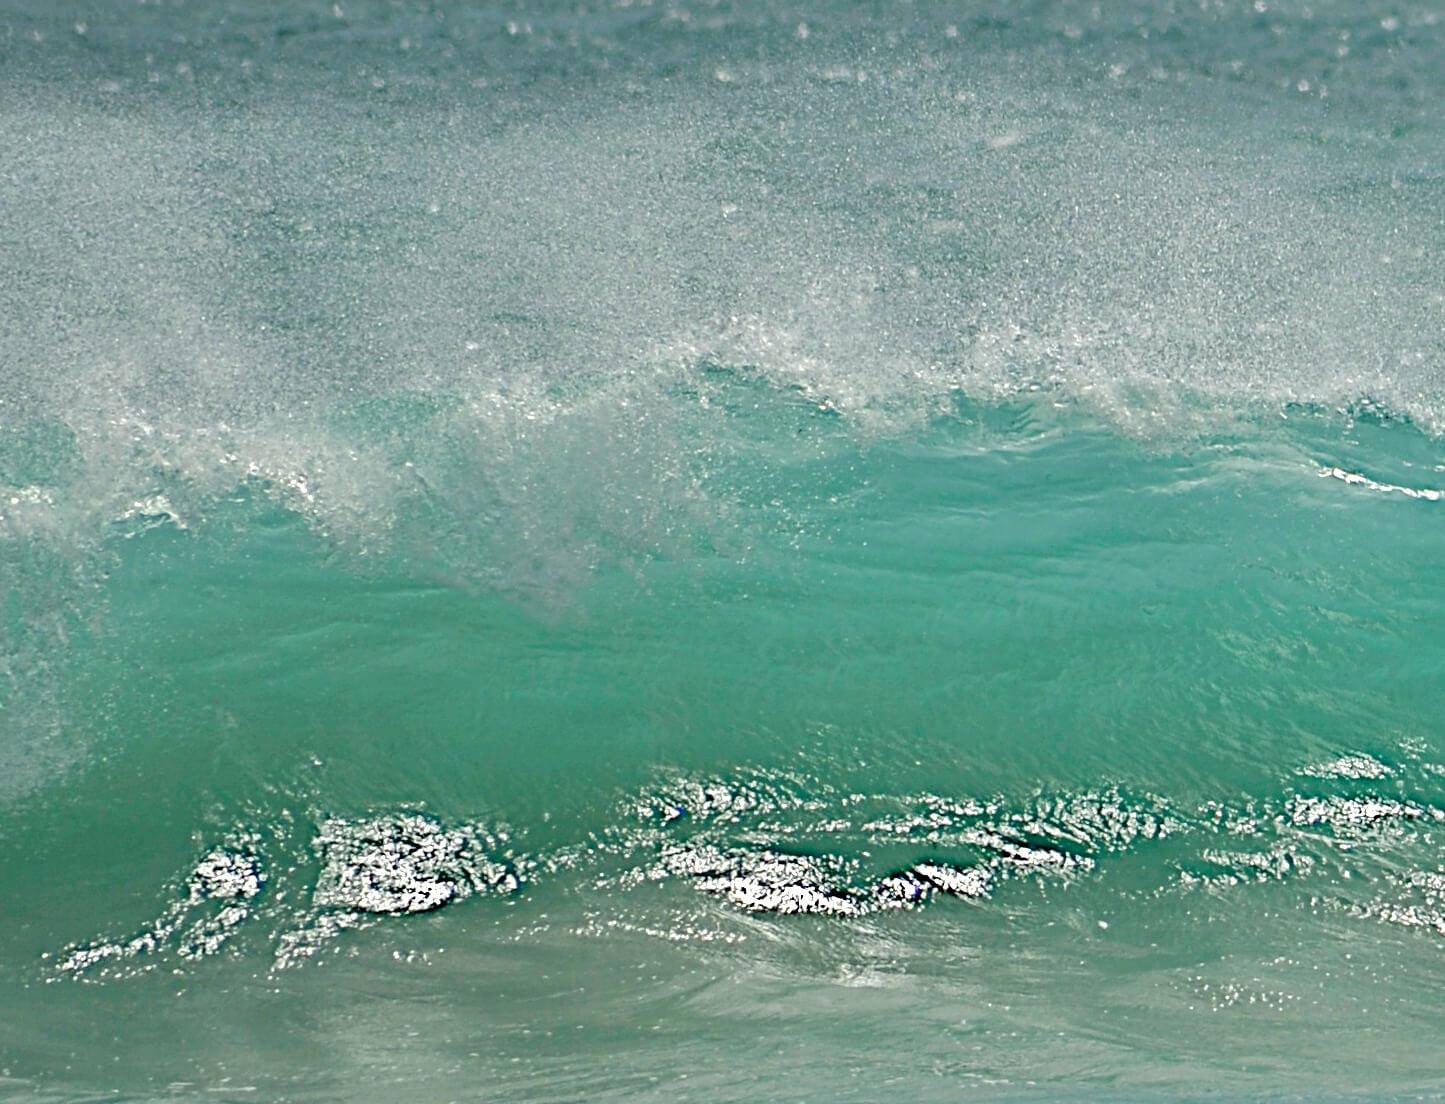 Surfer_NancyBundt_Details_2